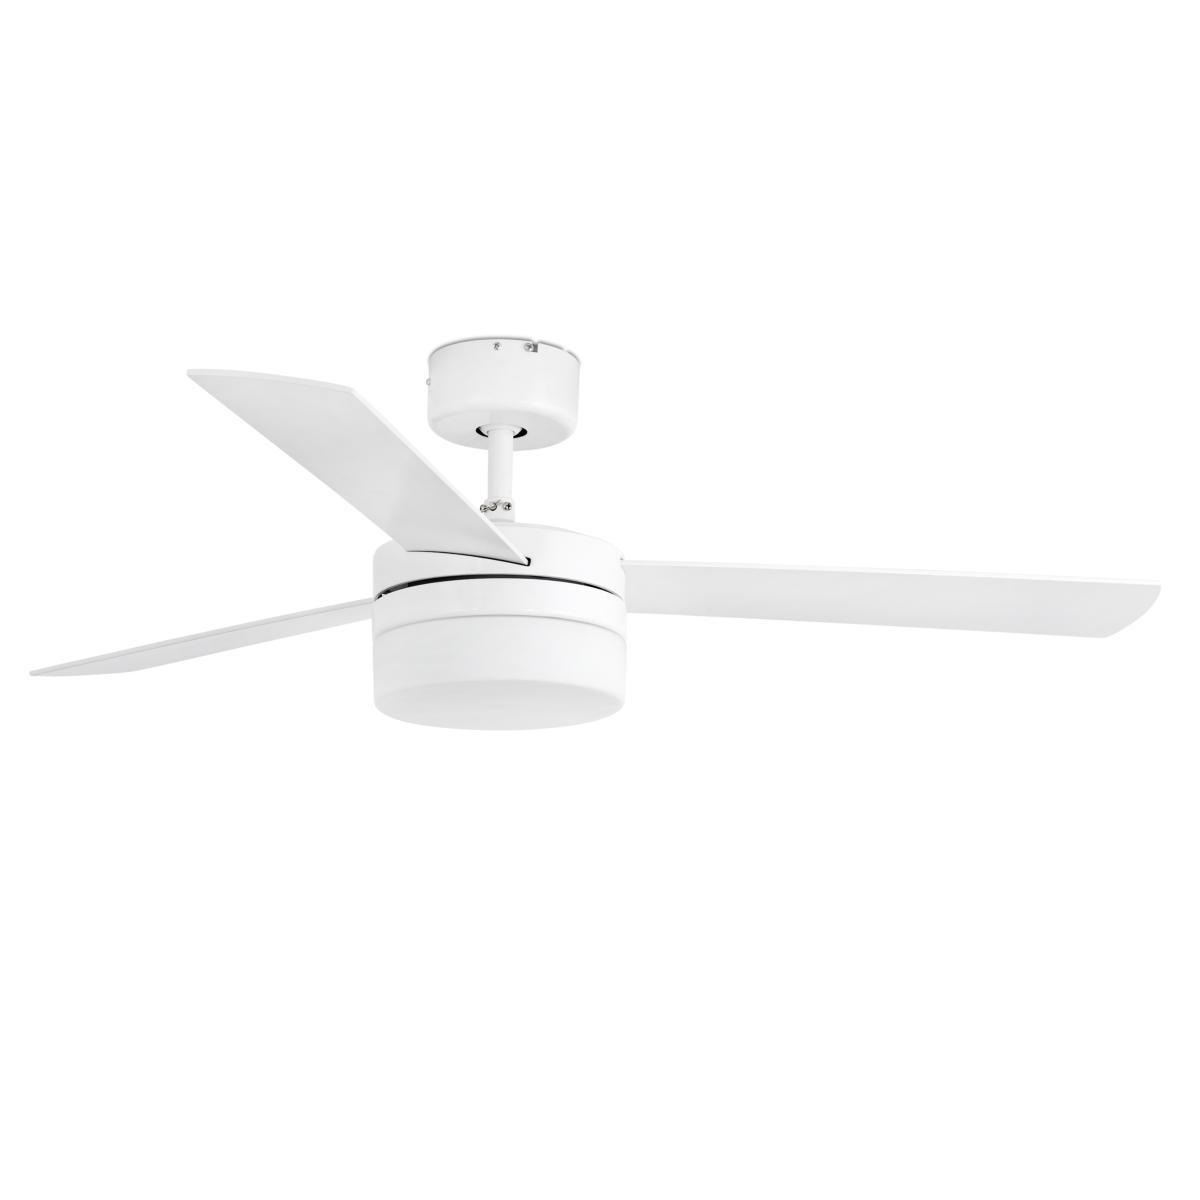 Ventilateur de plafond faro panay 33607 - Ventilateur de plafond silencieux hunter ...